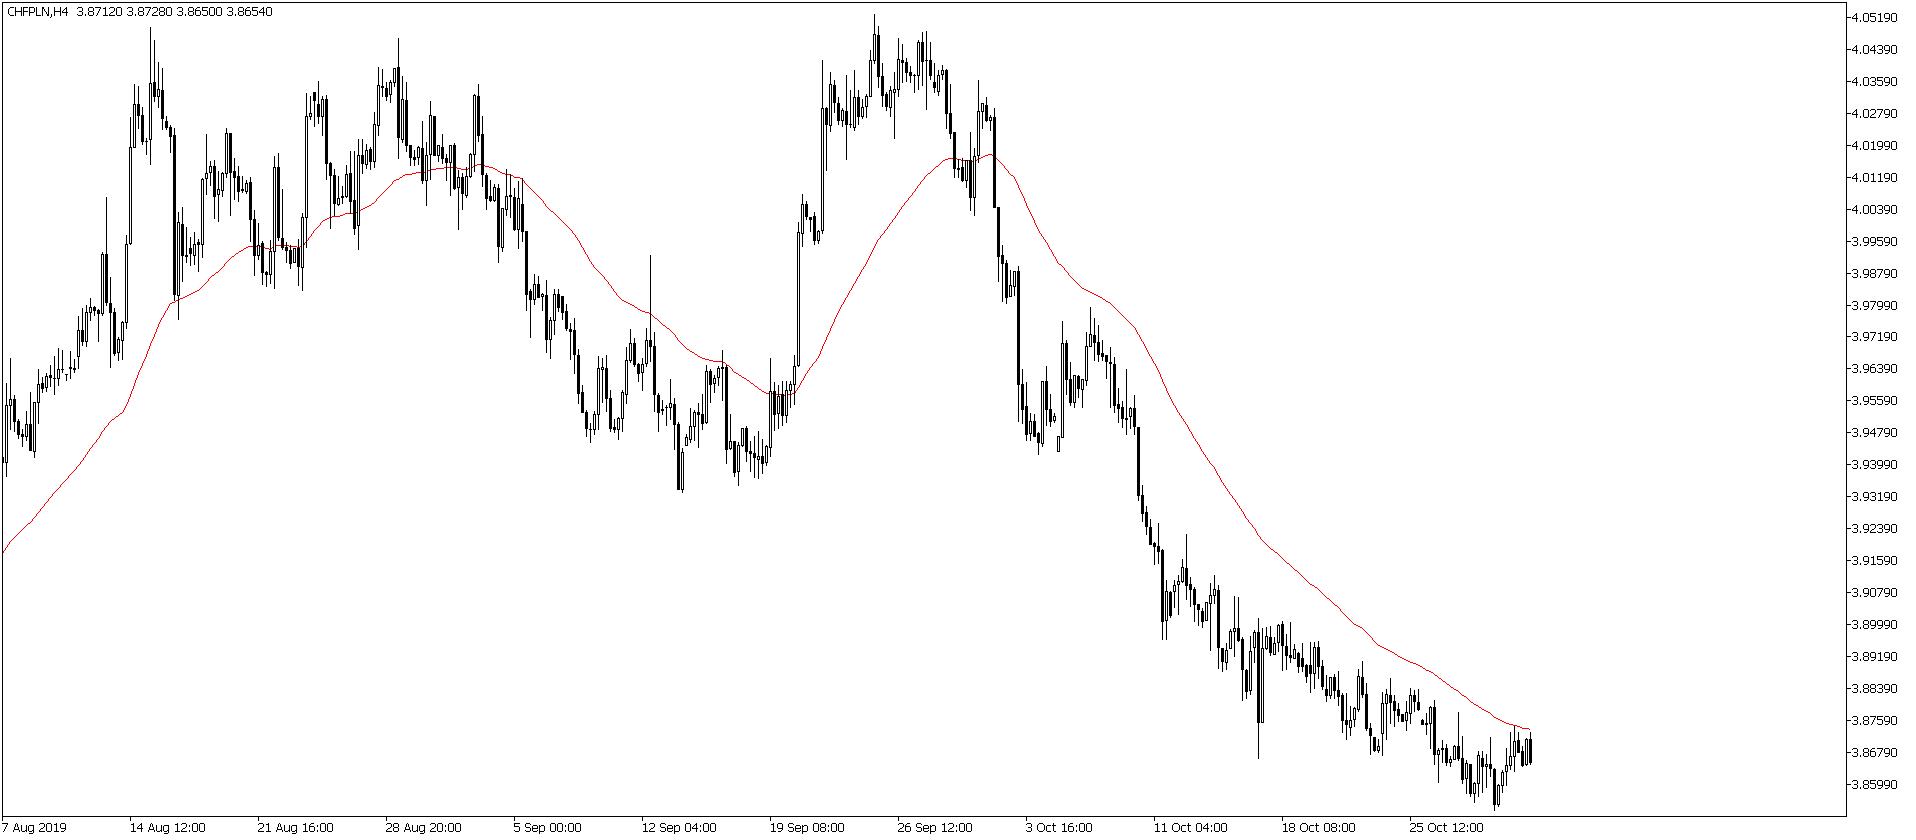 Kurs franka do złotego na wykresie czterogodzinnym